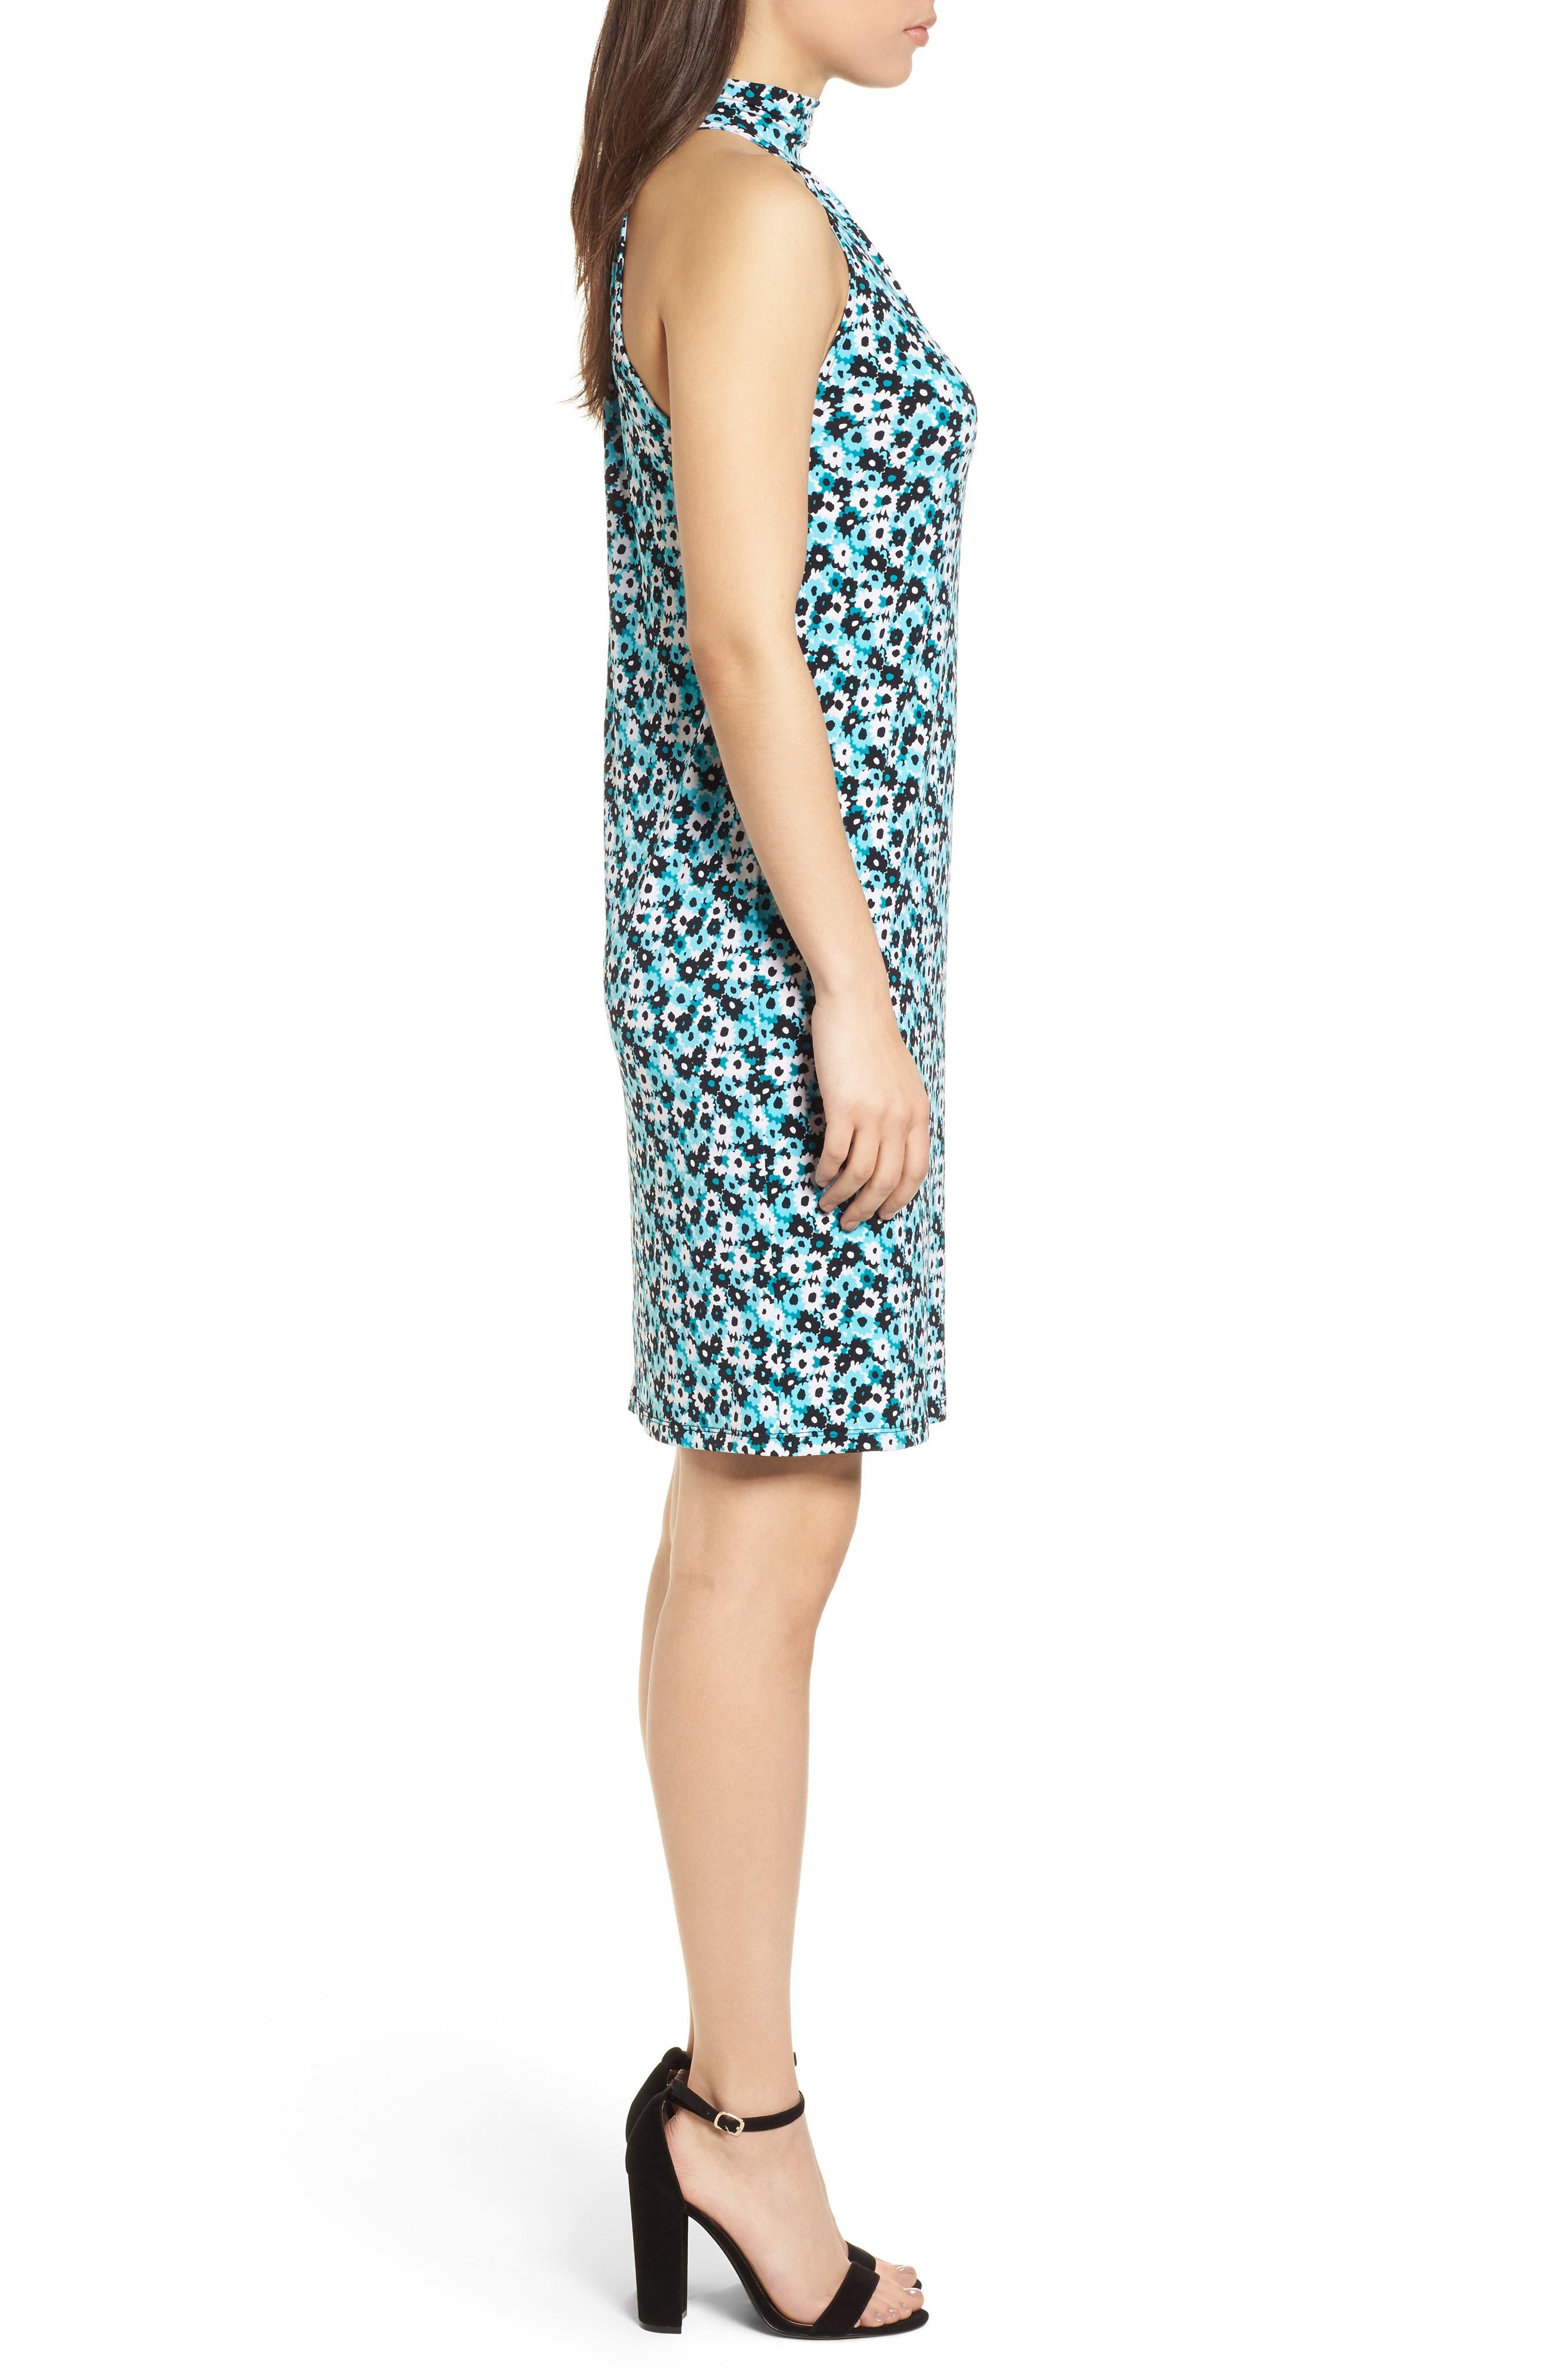 Carnation Sleeveless Dress,                             Alternate thumbnail 3, color,                             Tile Blue/ Black Multi